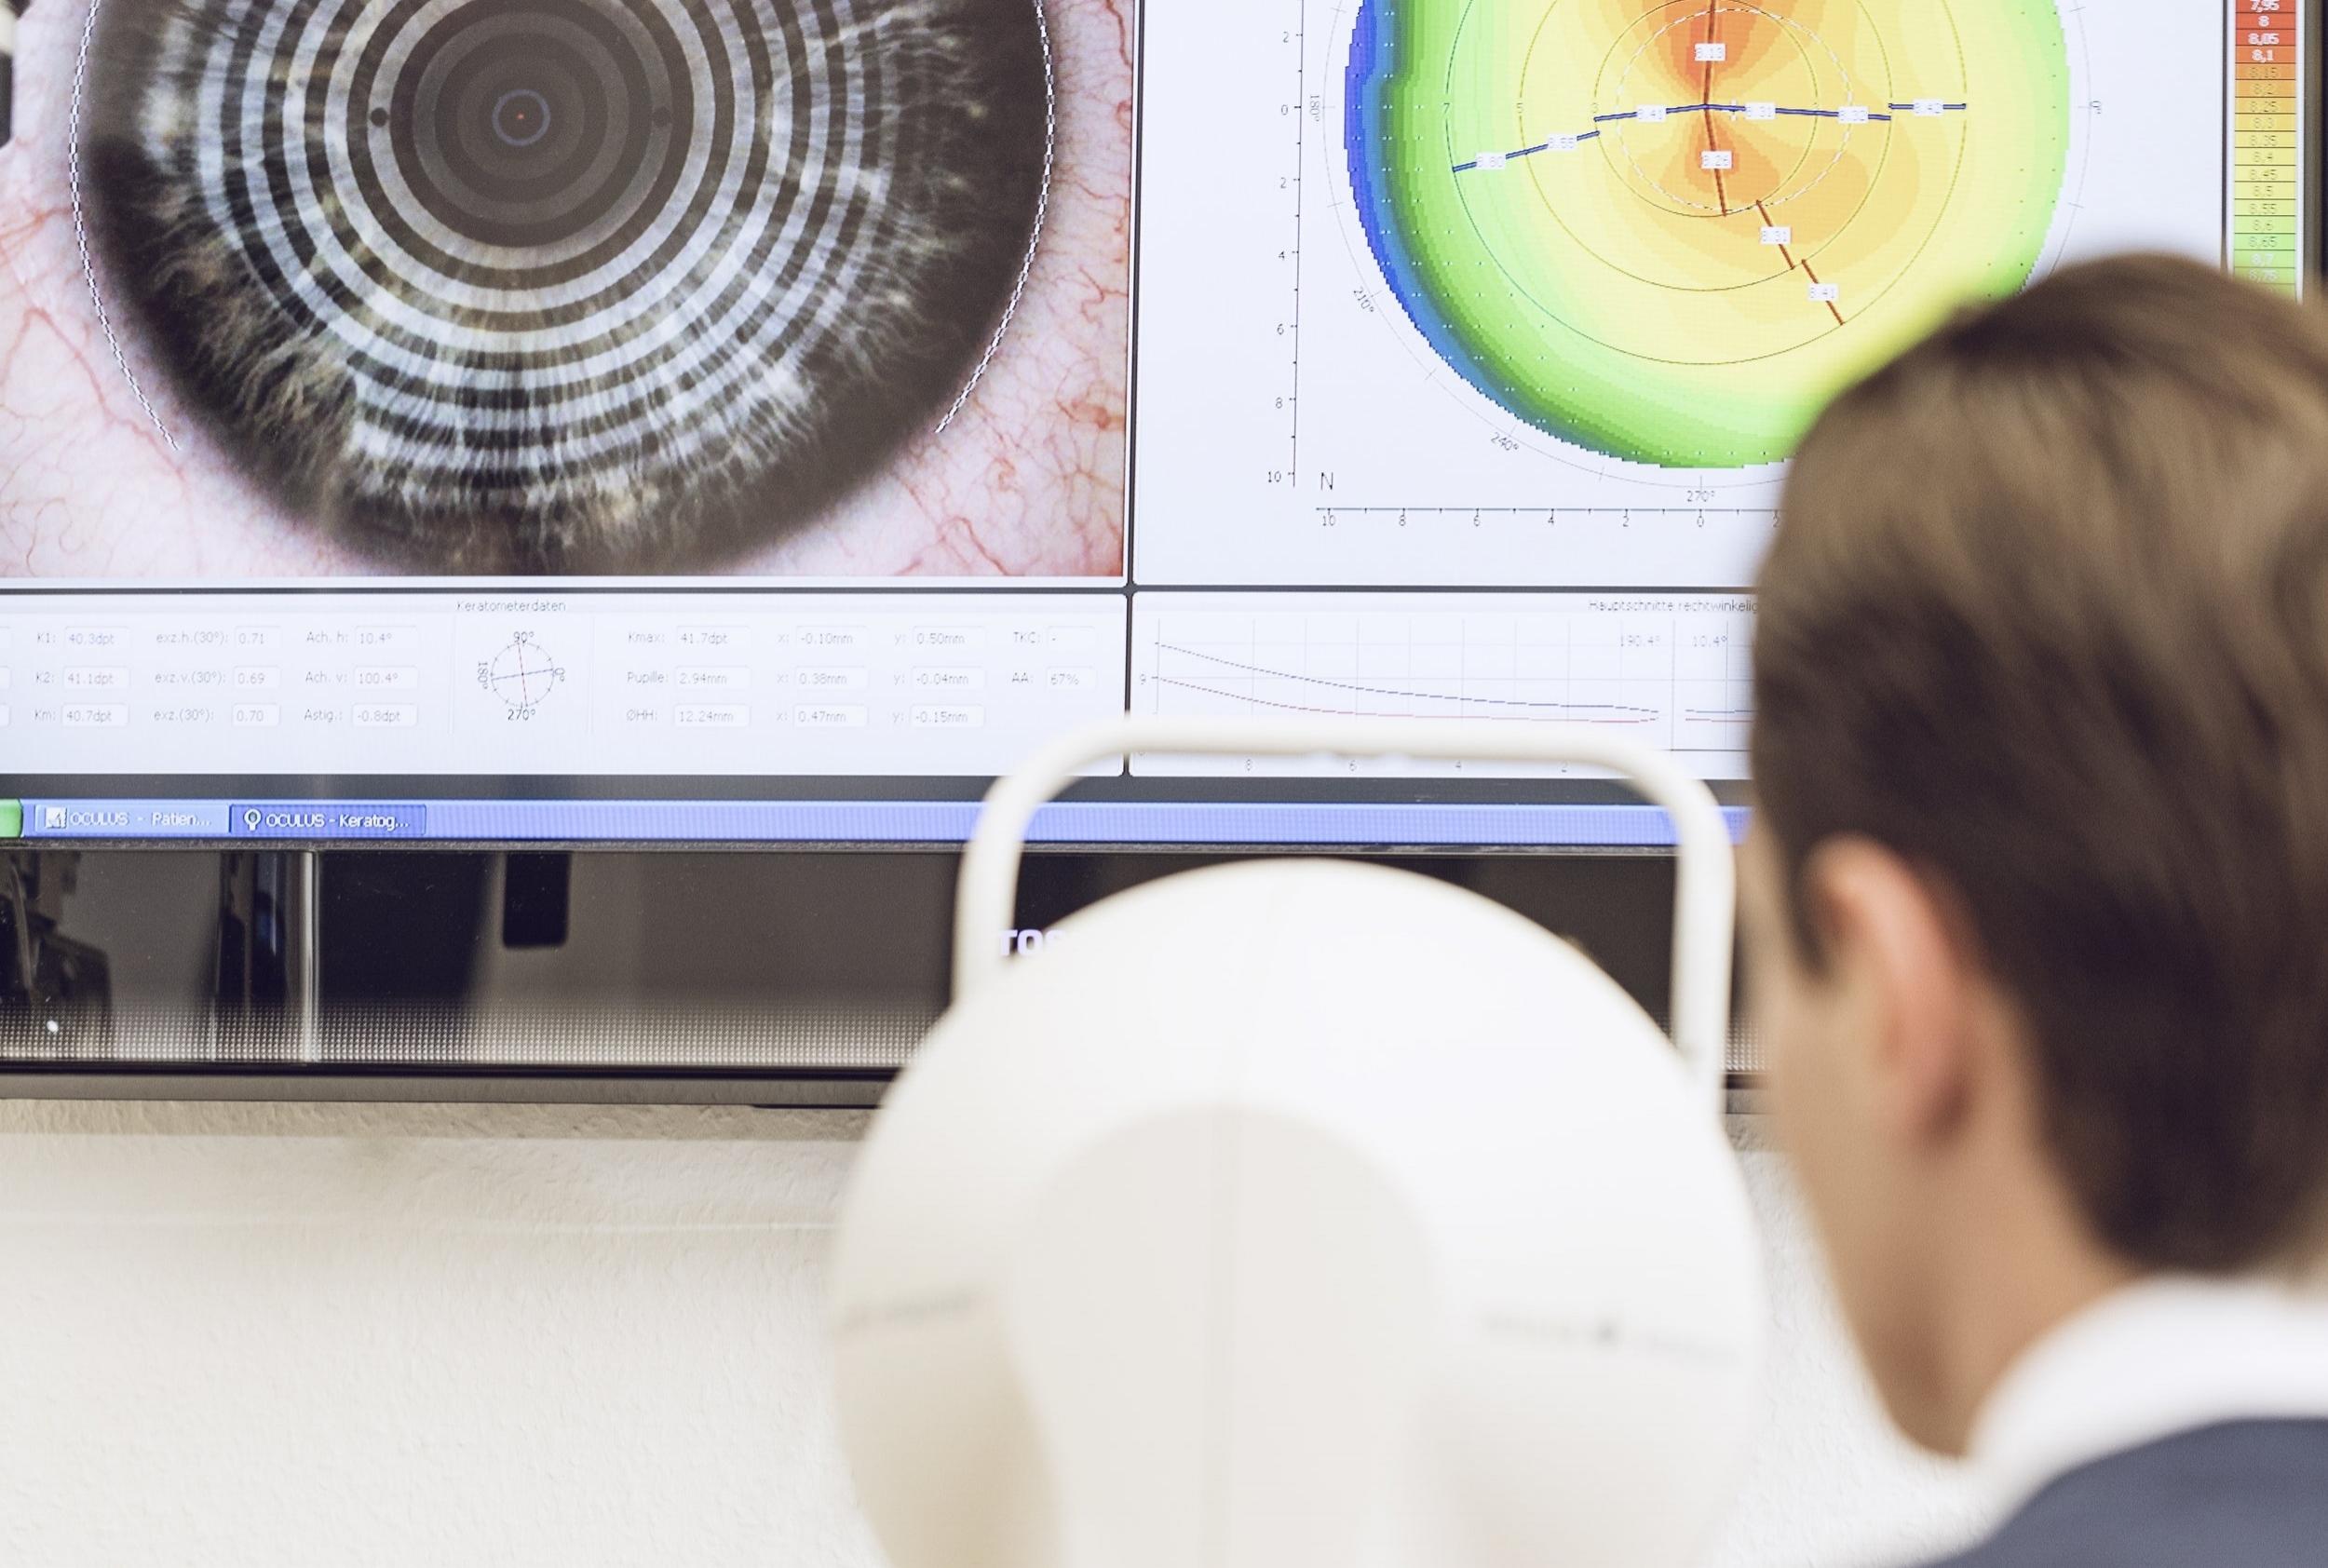 Lehrgänge & Fachseminare - Die Lehrgänge und Fachseminare für Augenoptikergesellen, Augenoptikermeister & Optometristen bieten praxisnahe Fortbildungen.